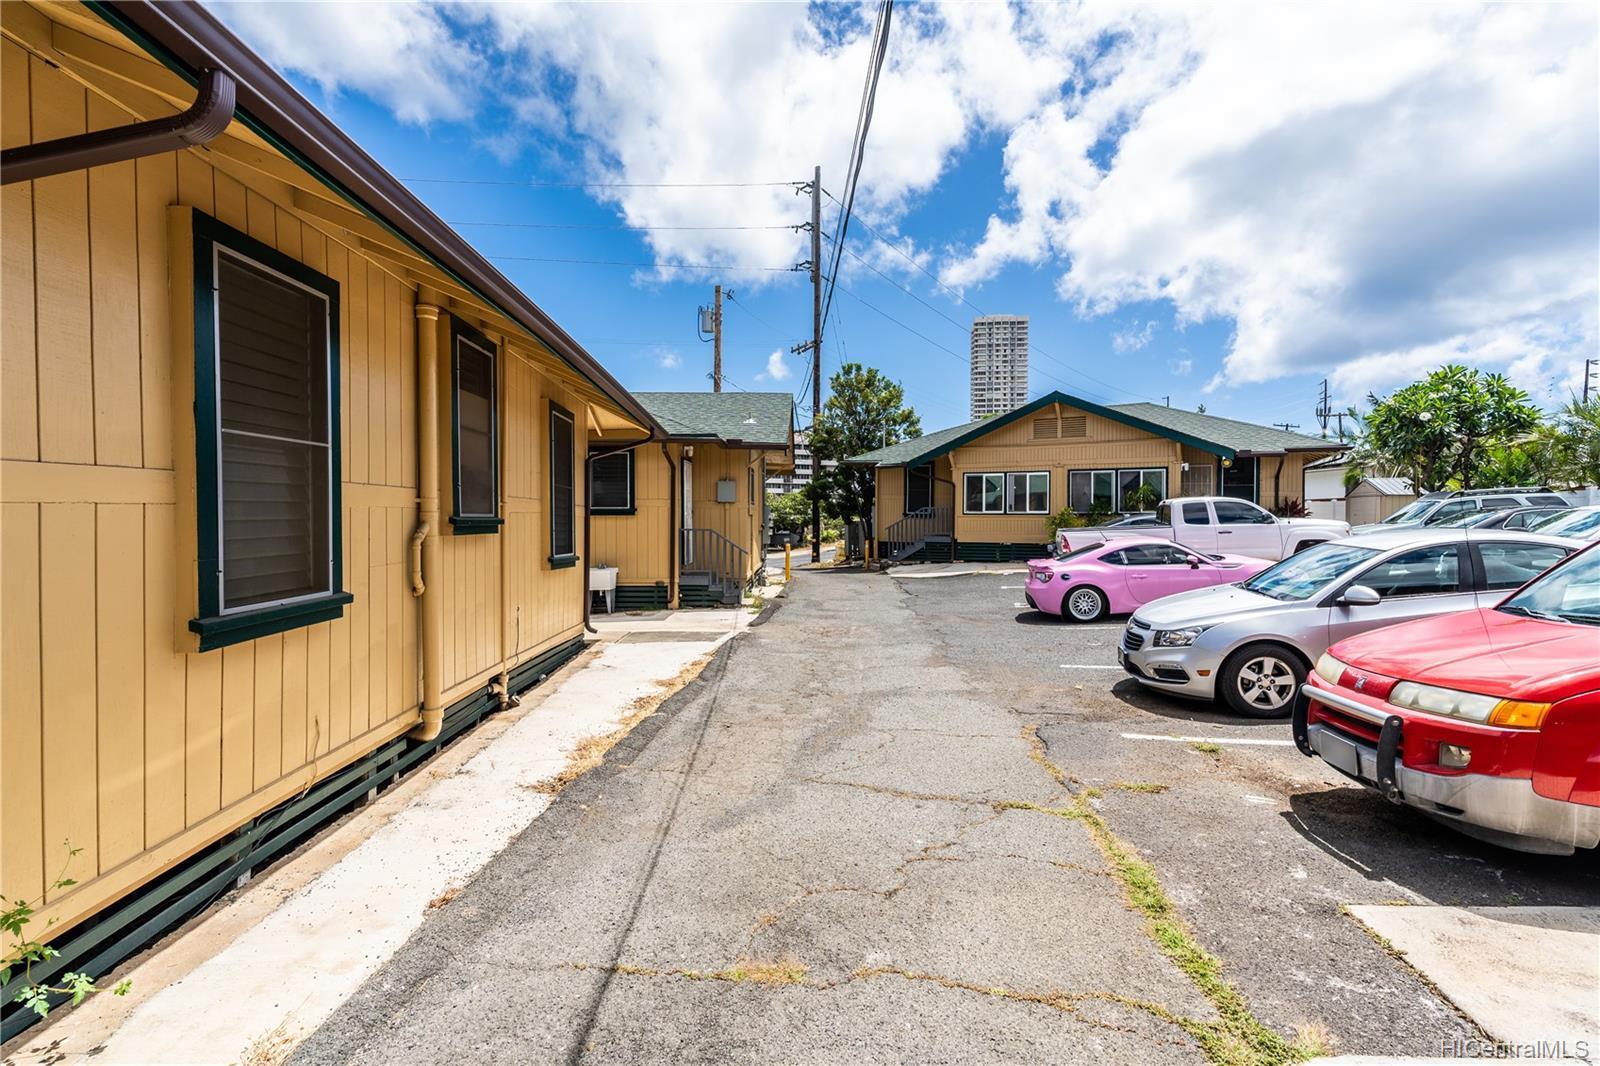 2816 Waialae Ave Honolulu - Multi-family - photo 5 of 21